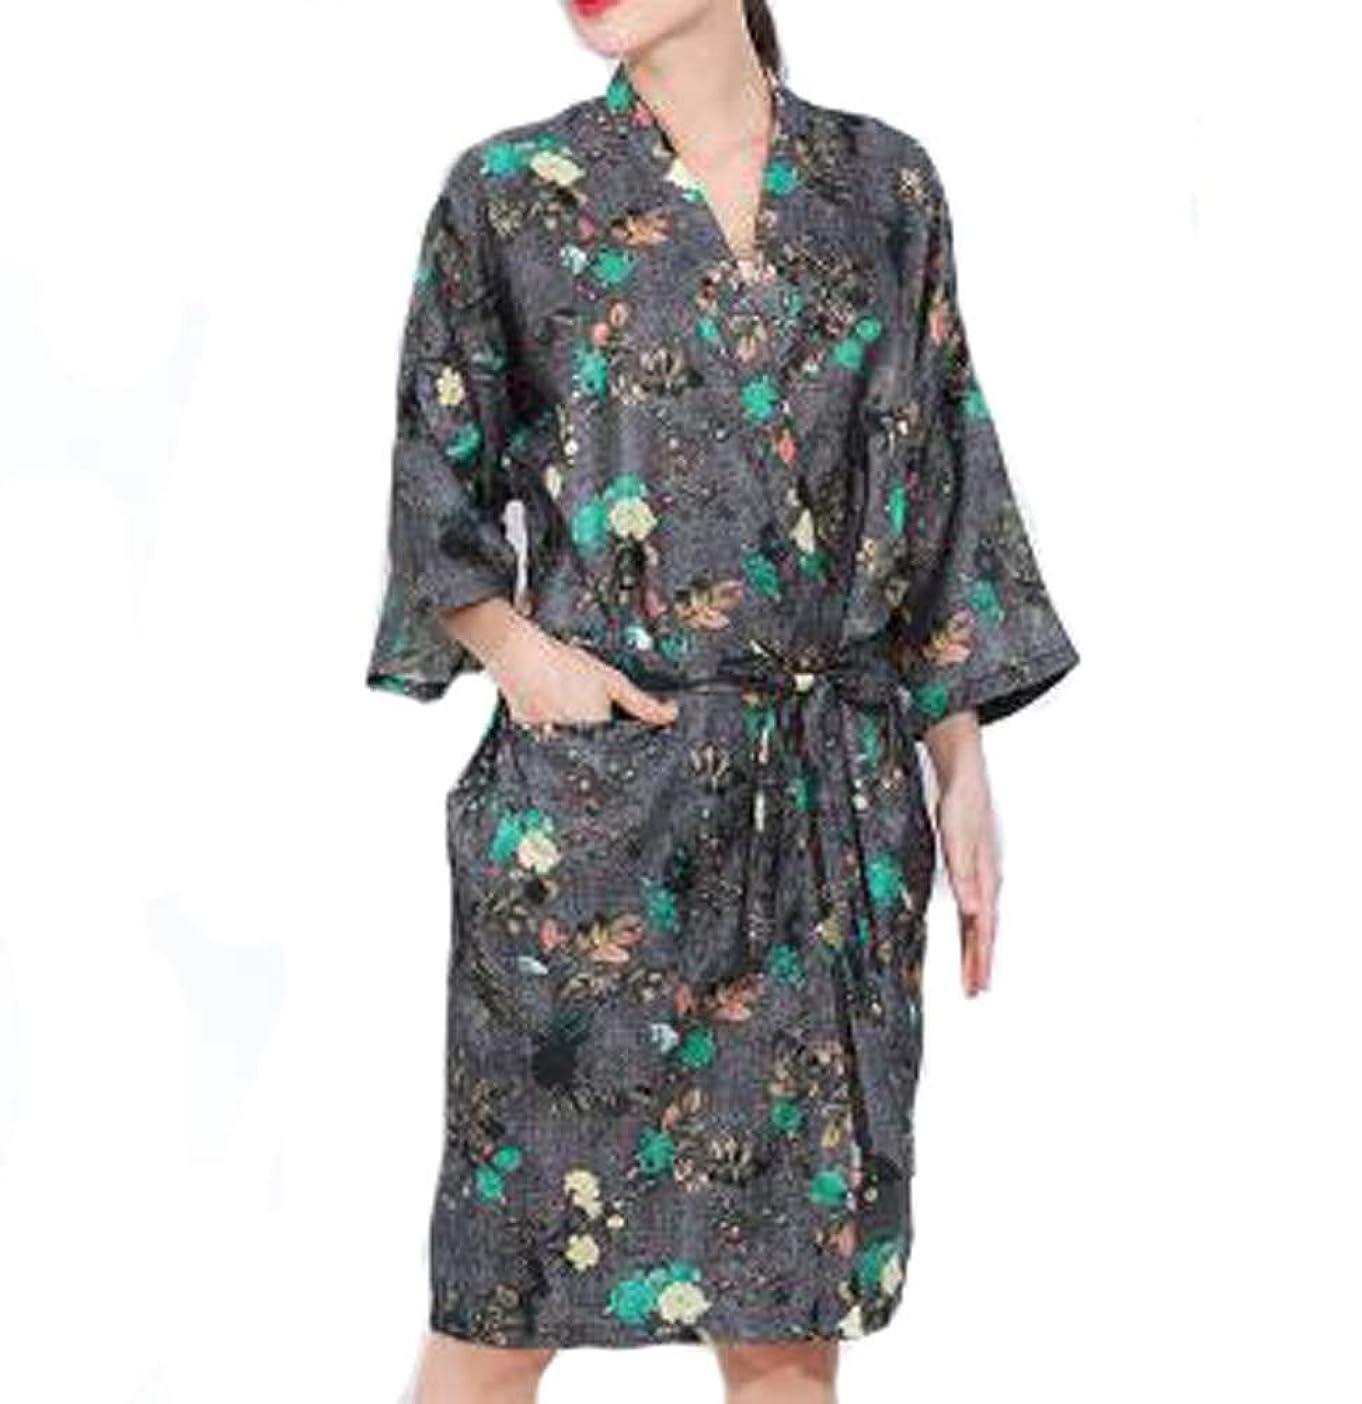 ラッカスチーフここにヨーロッパスタイルのサロンクライアントのガウンローブ、美容院のドレス、黒